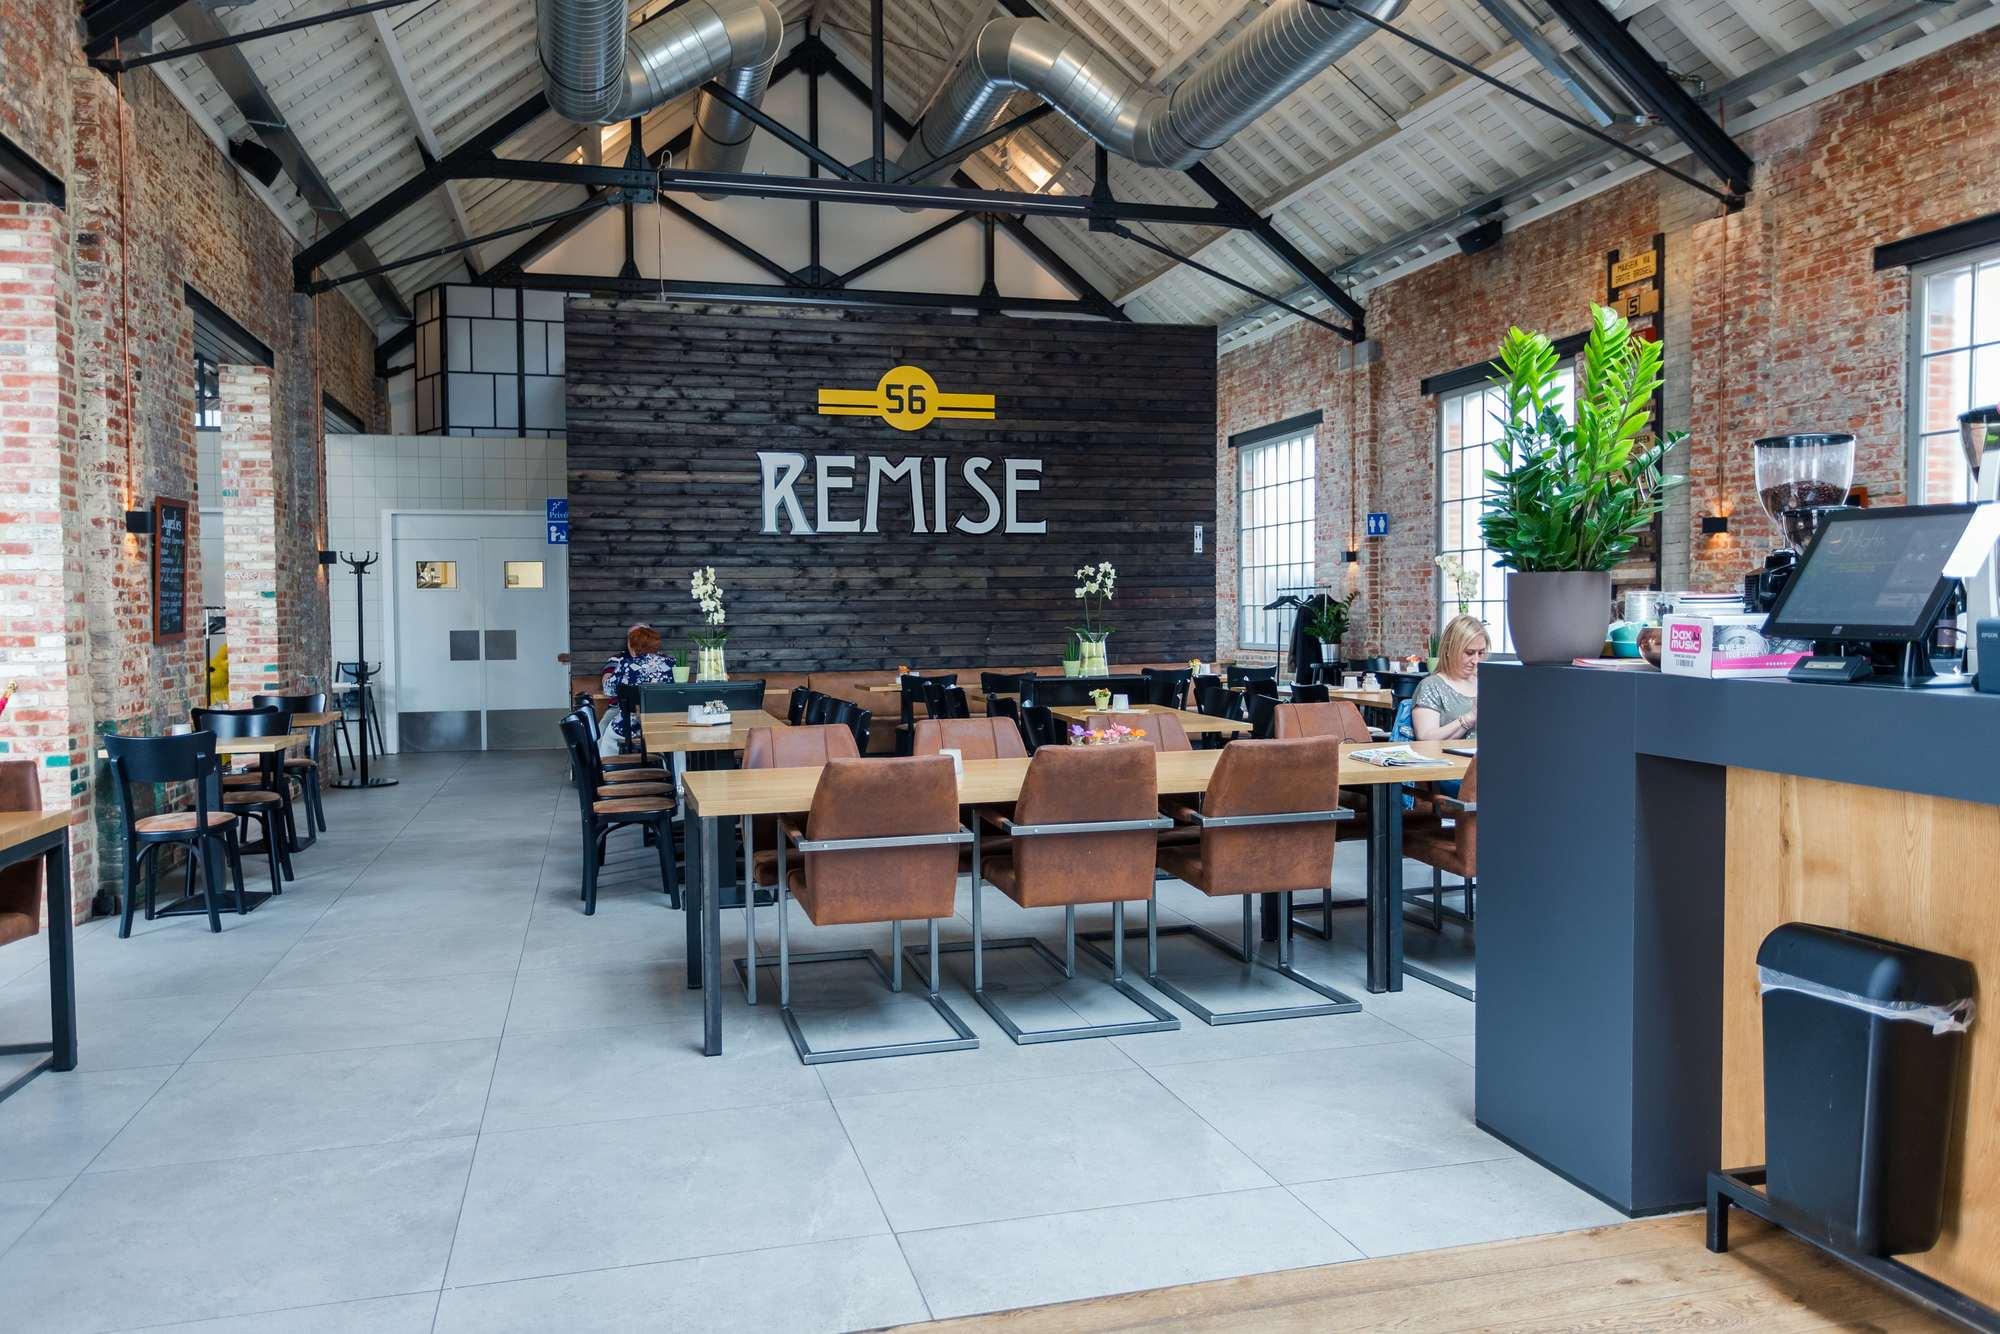 Het verhaal van brouwerij Remise 56 in Koersel